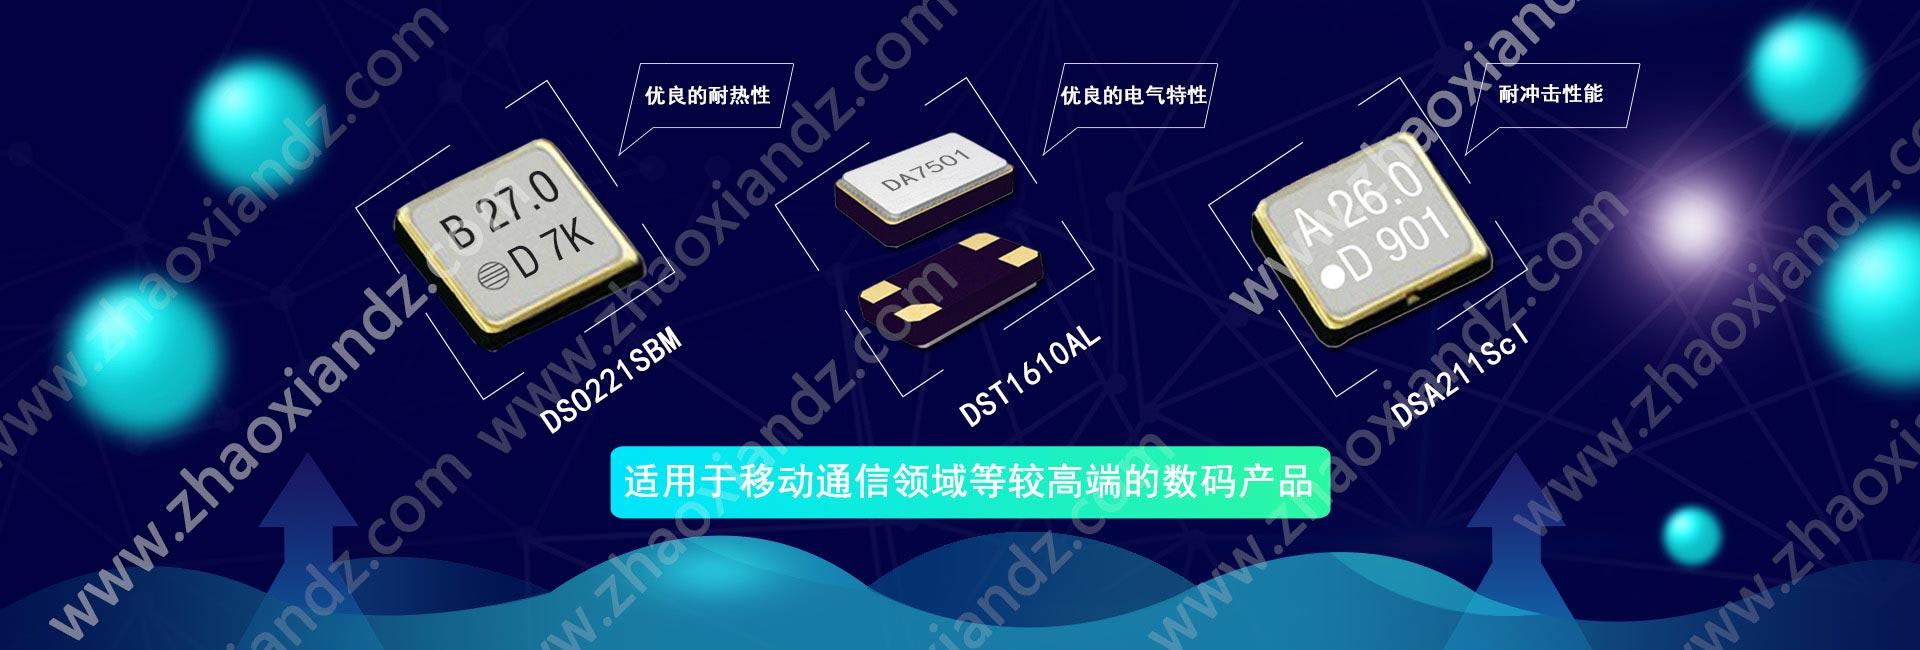 移動數據高(gao)端(duan)數碼(ma)產品